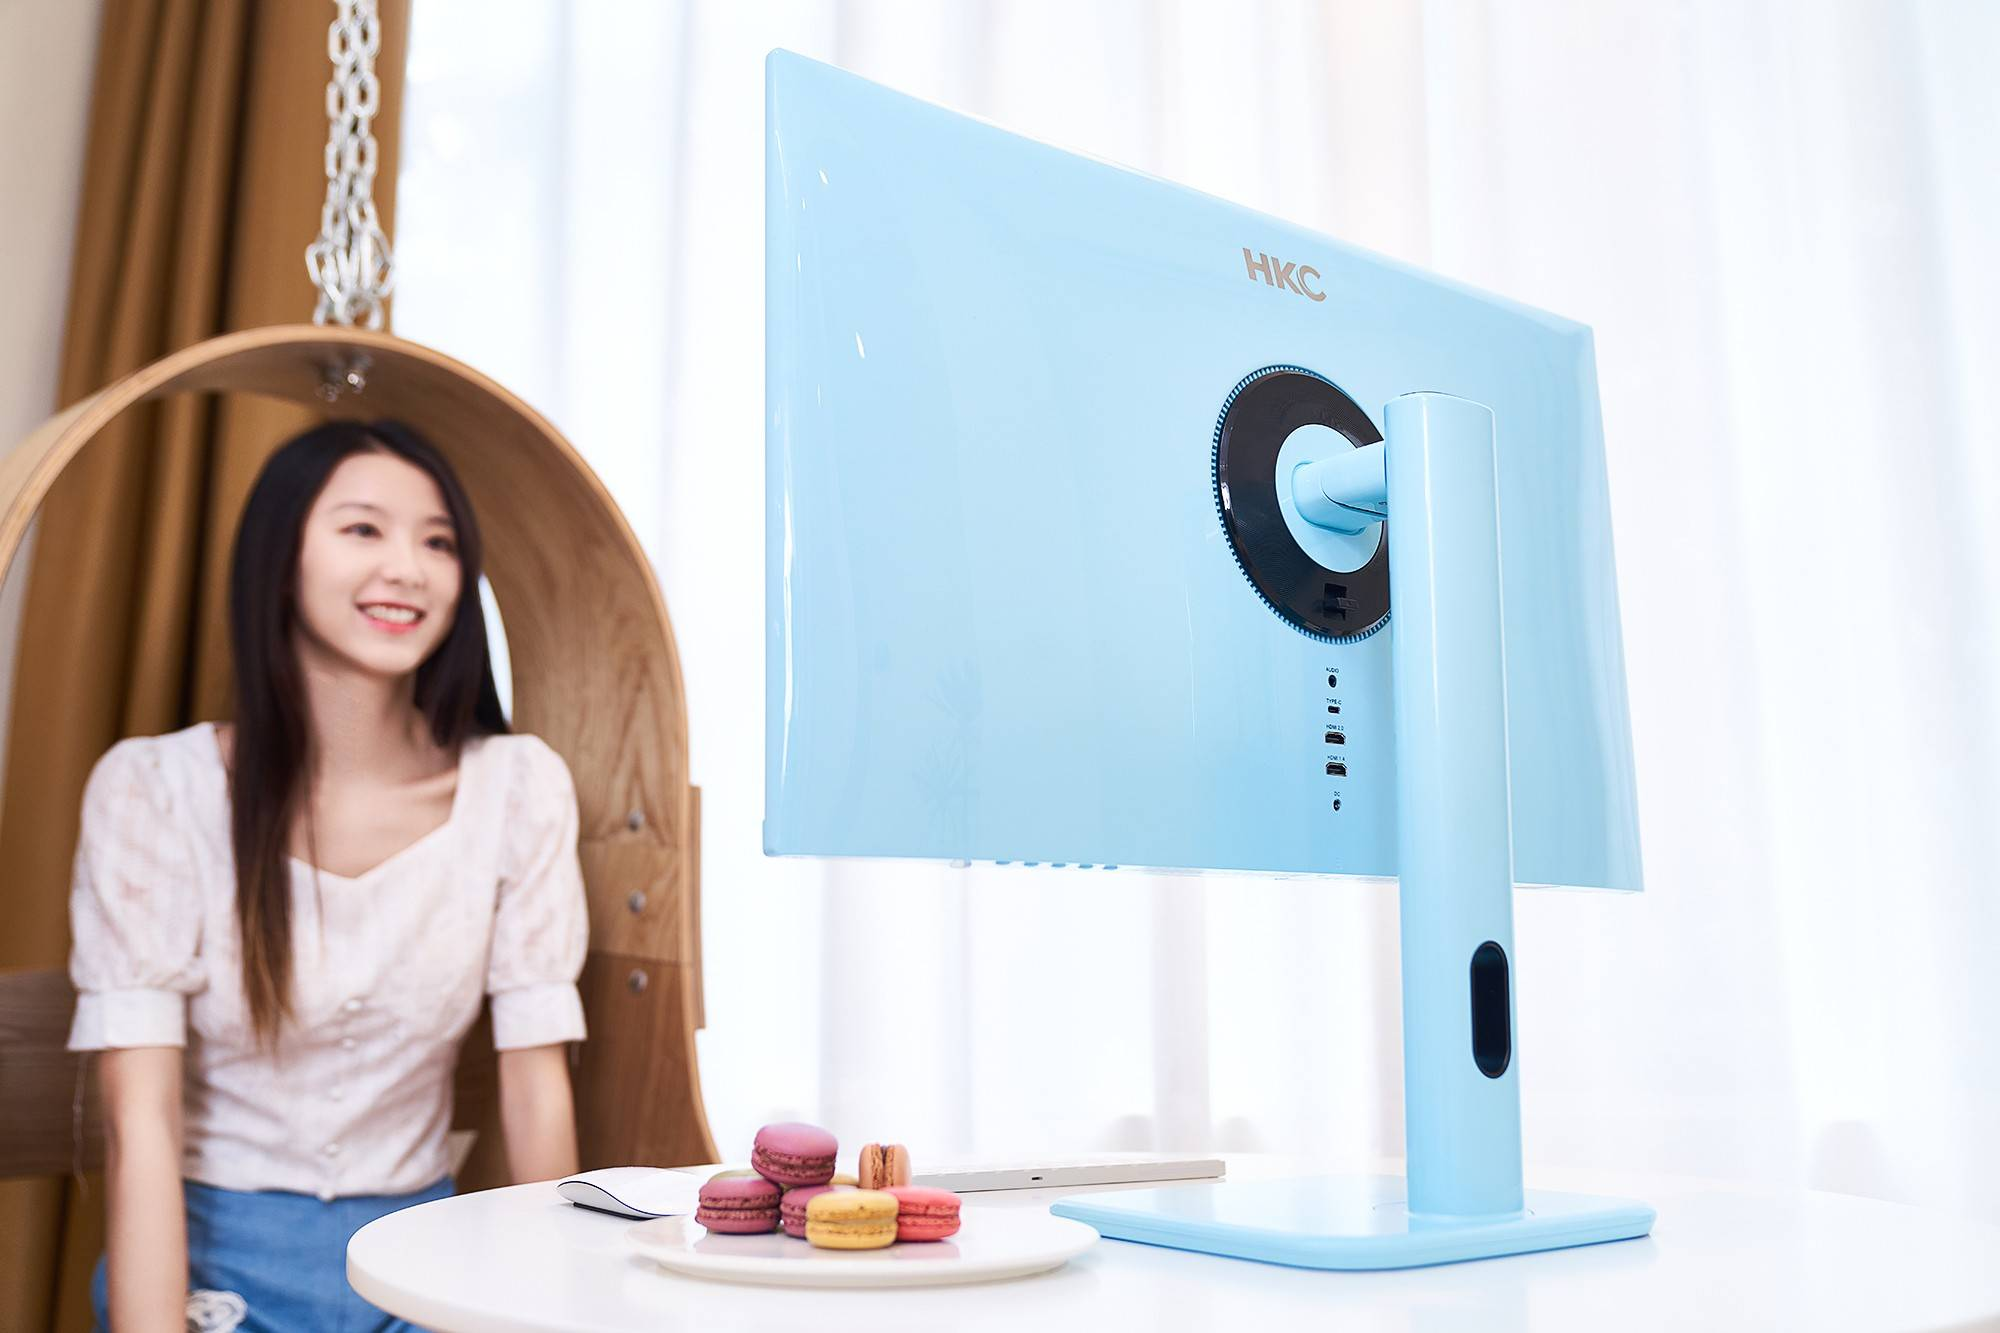 HKC发布马卡龙多彩显示器:桌面大改造,多彩生活趣潮流